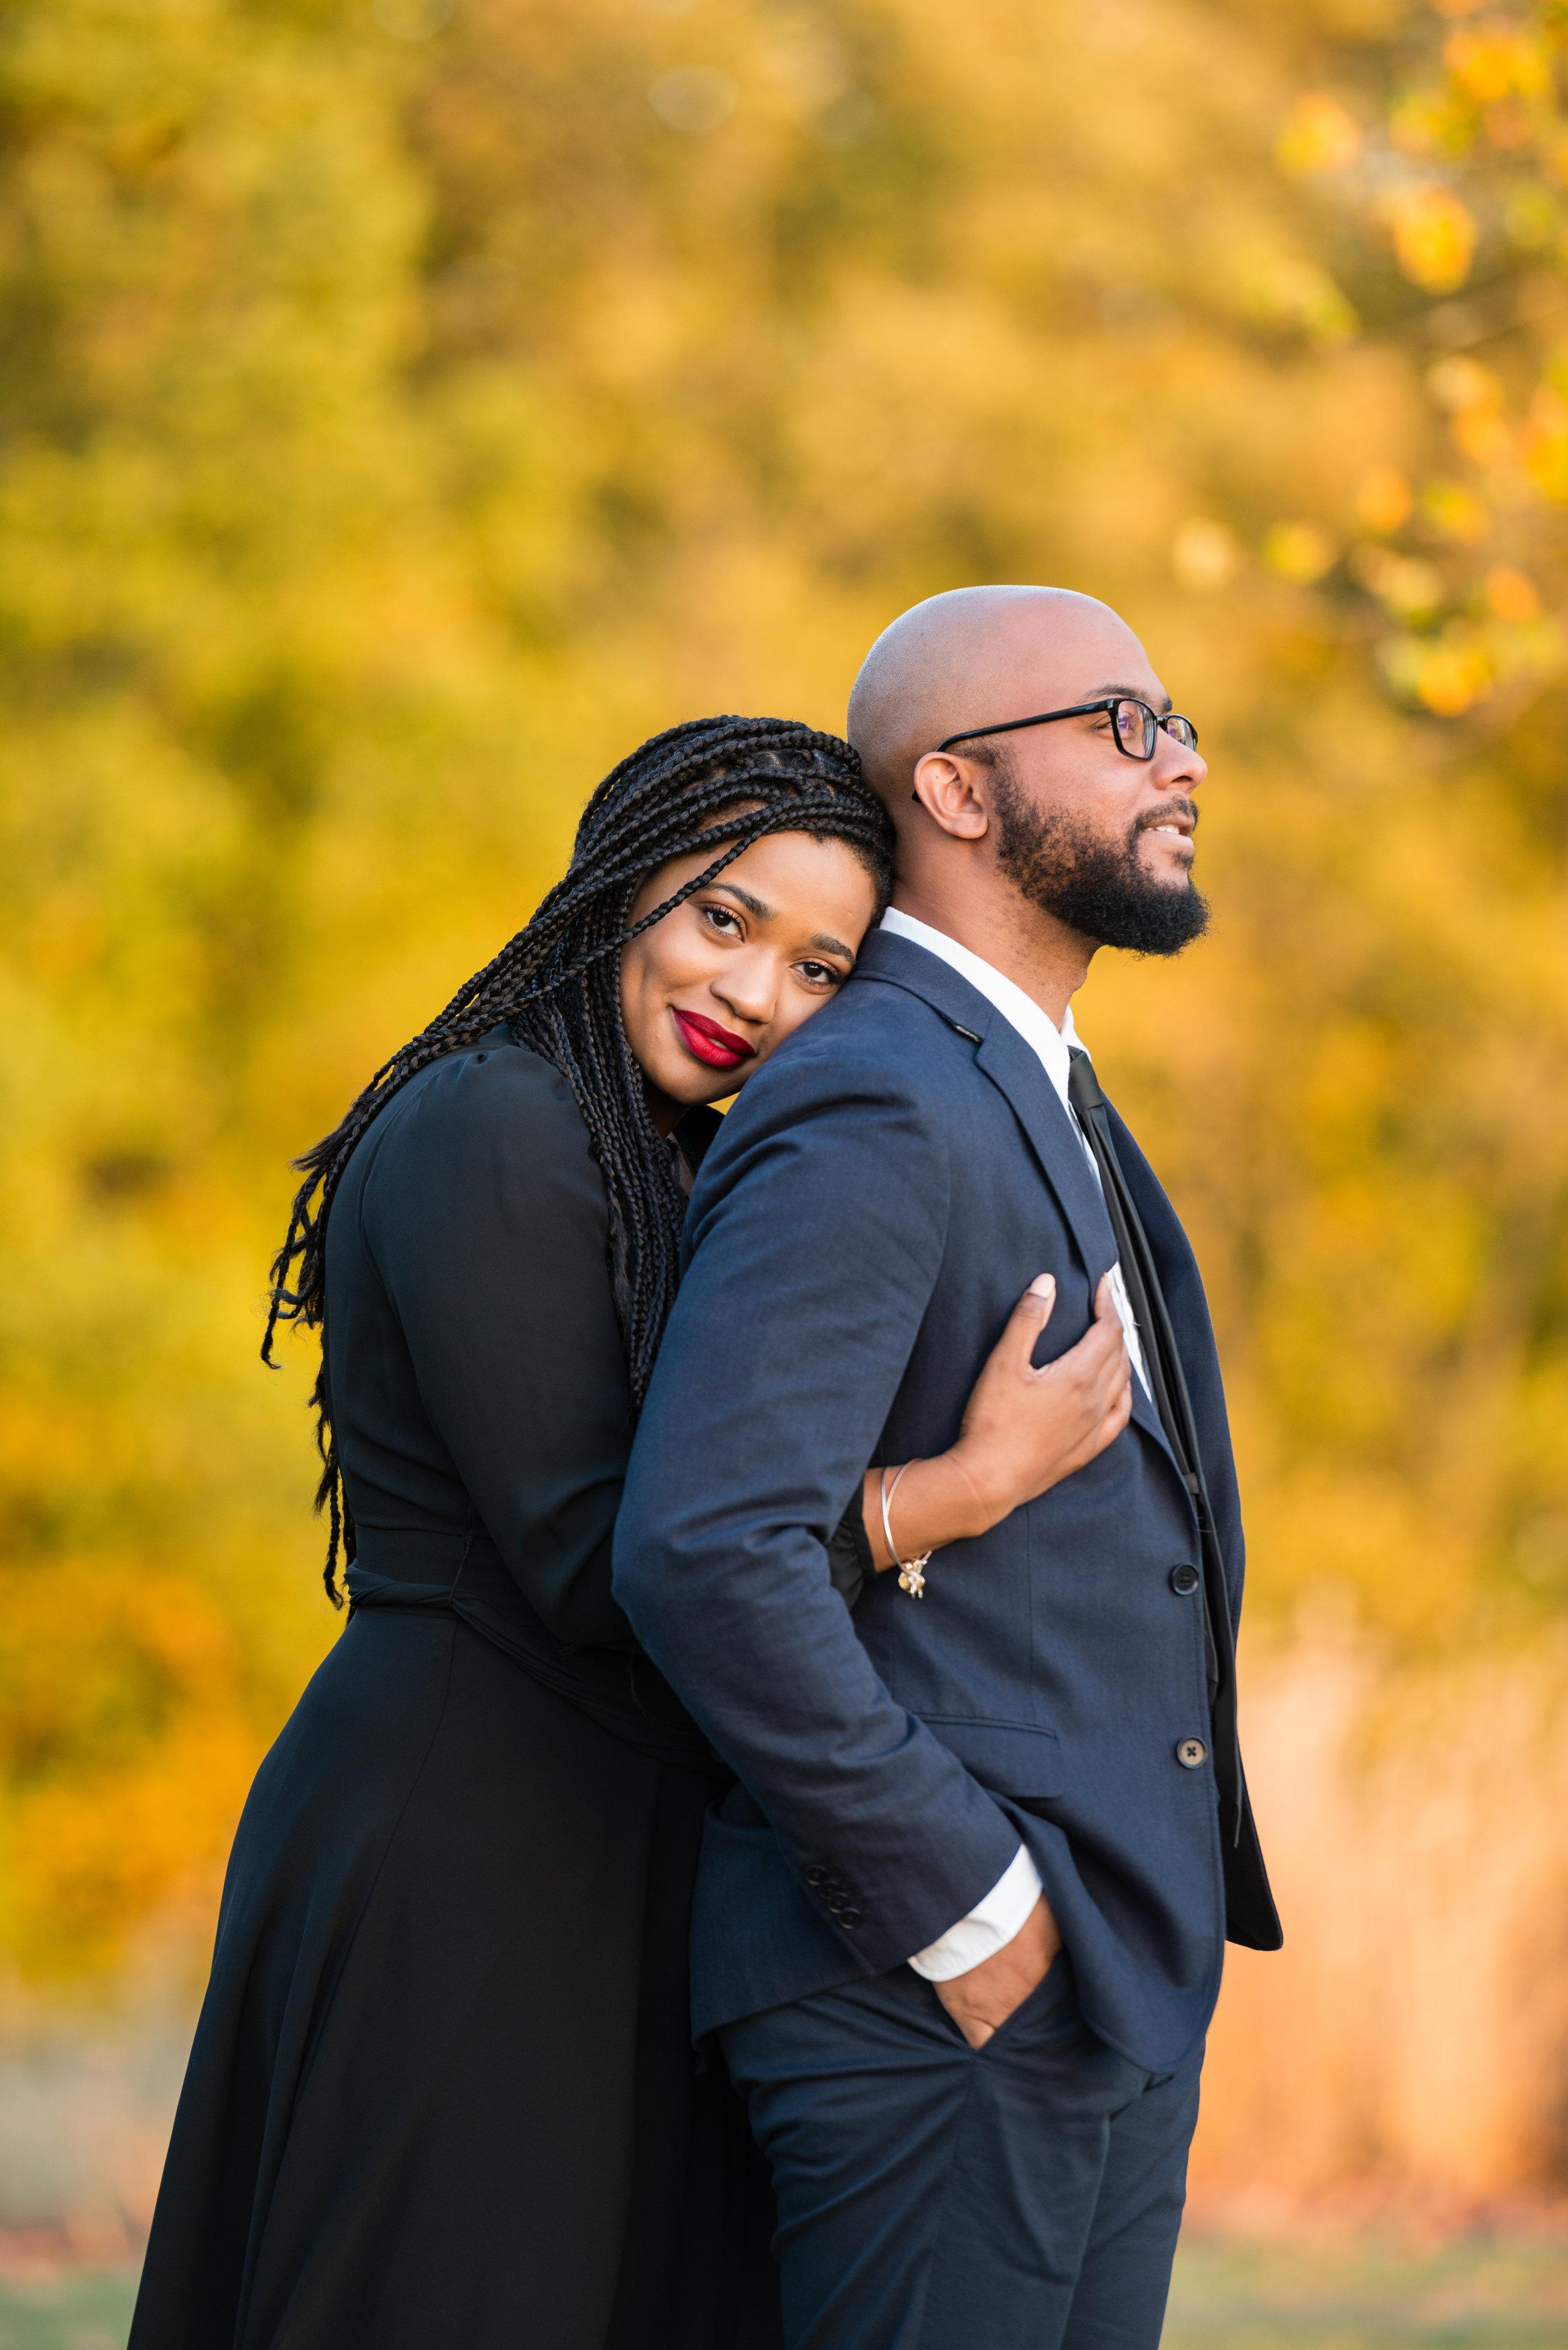 Omar-Sarah-Engagement-176.jpg